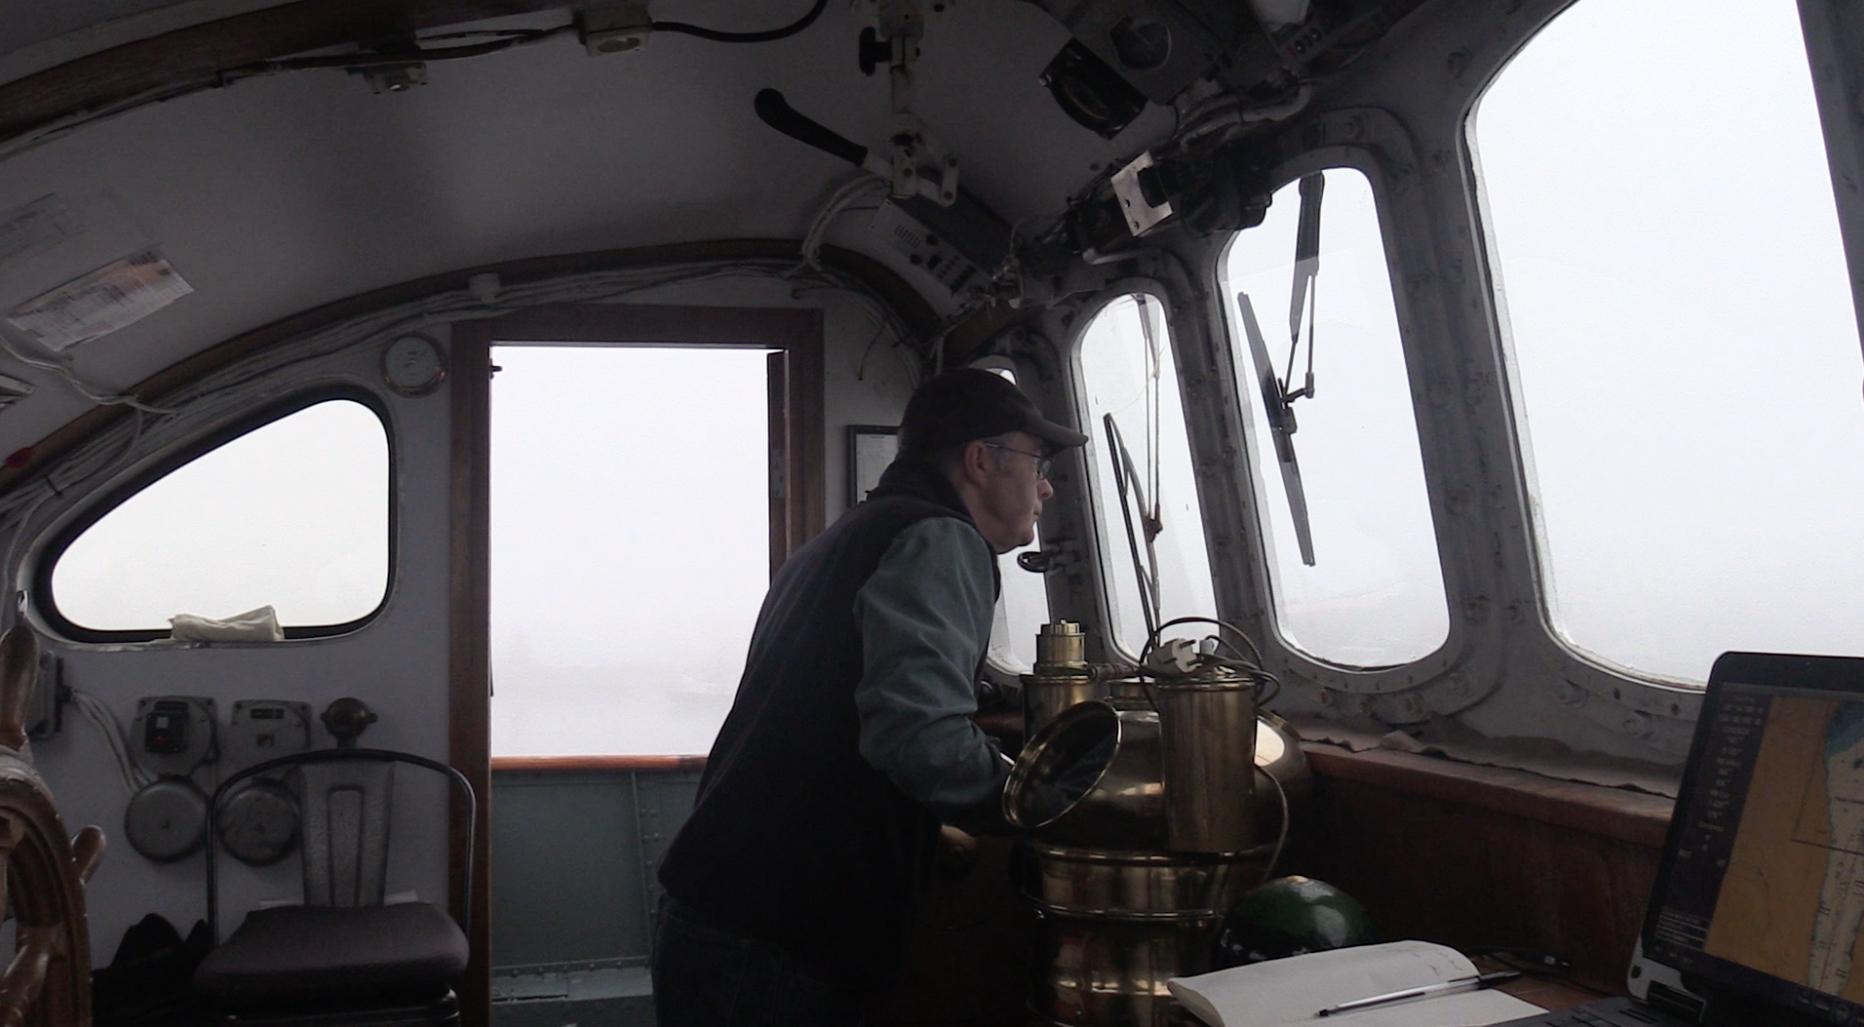 Captain John in the mist